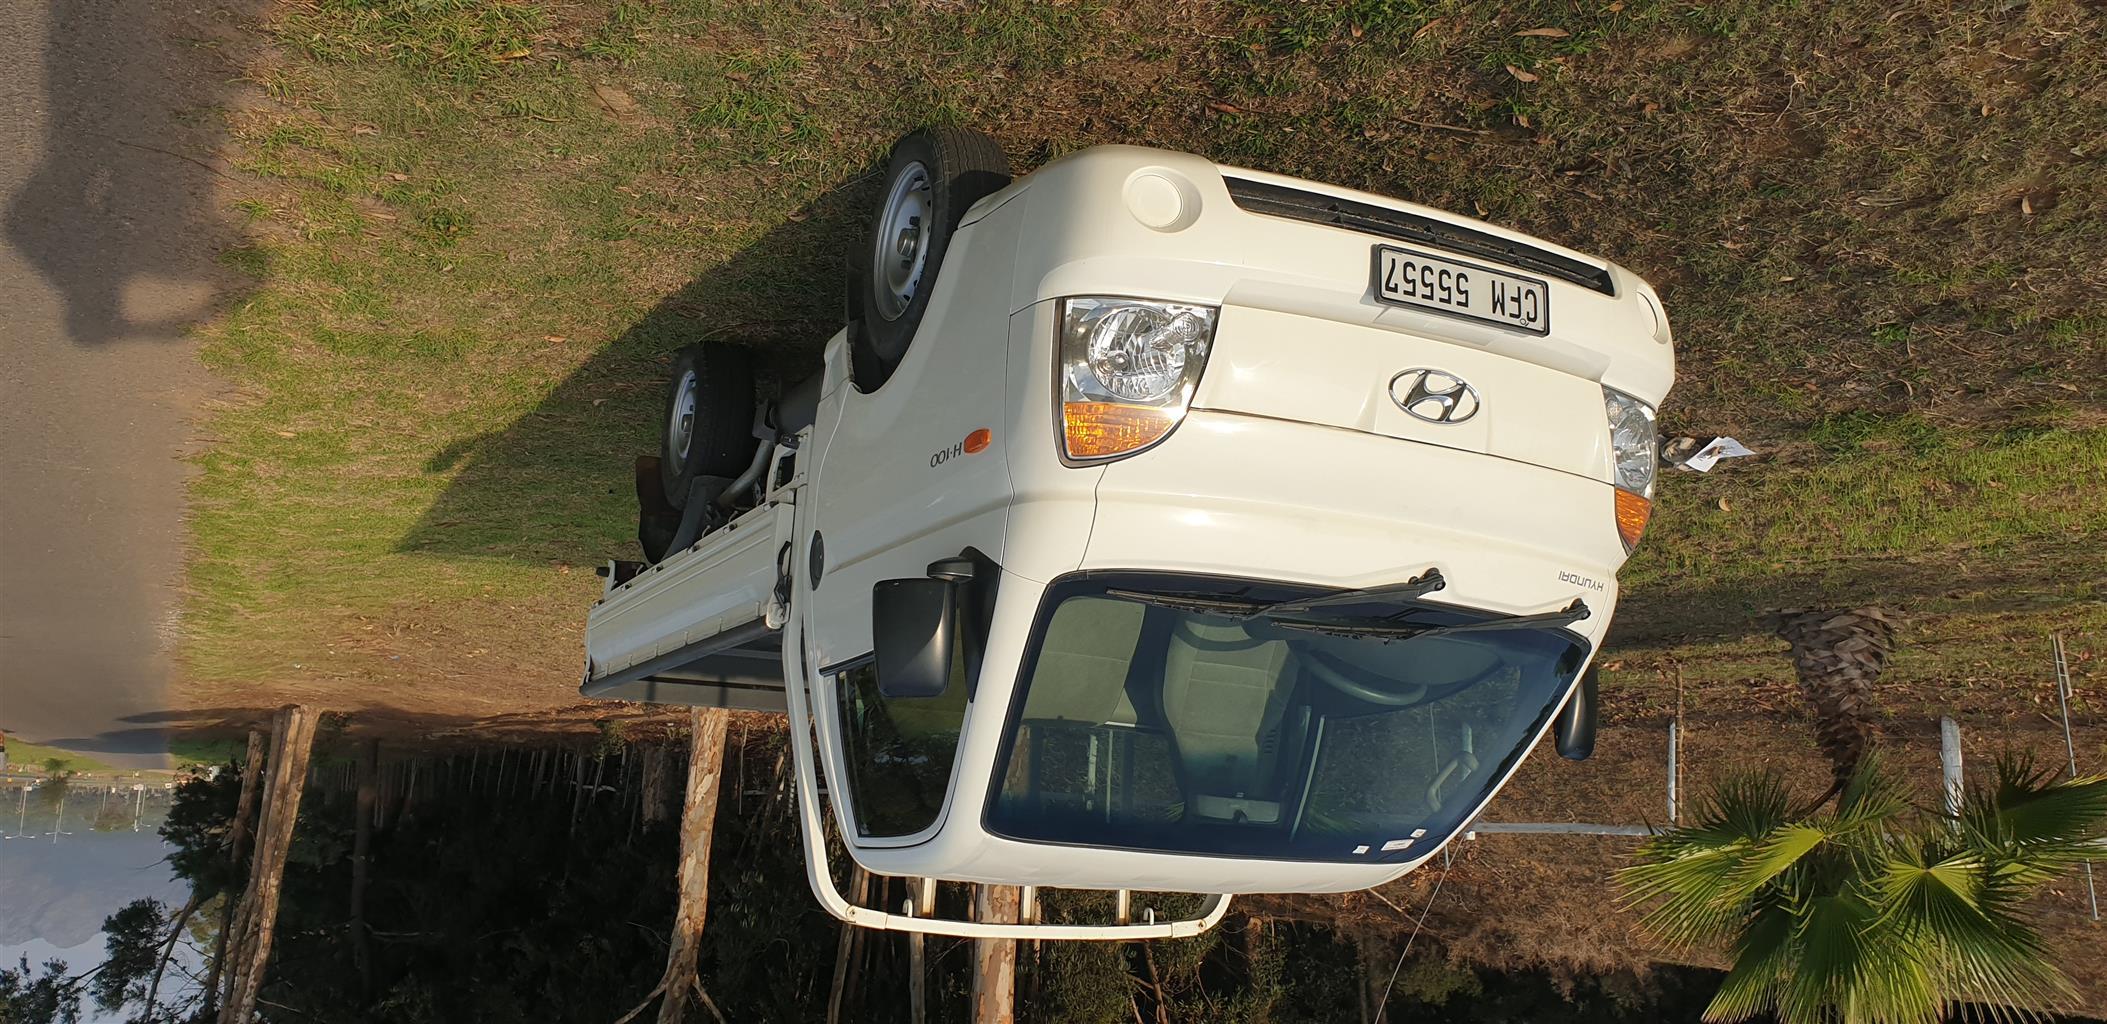 2010 Hyundai H-100 Bakkie 2.6D tipper